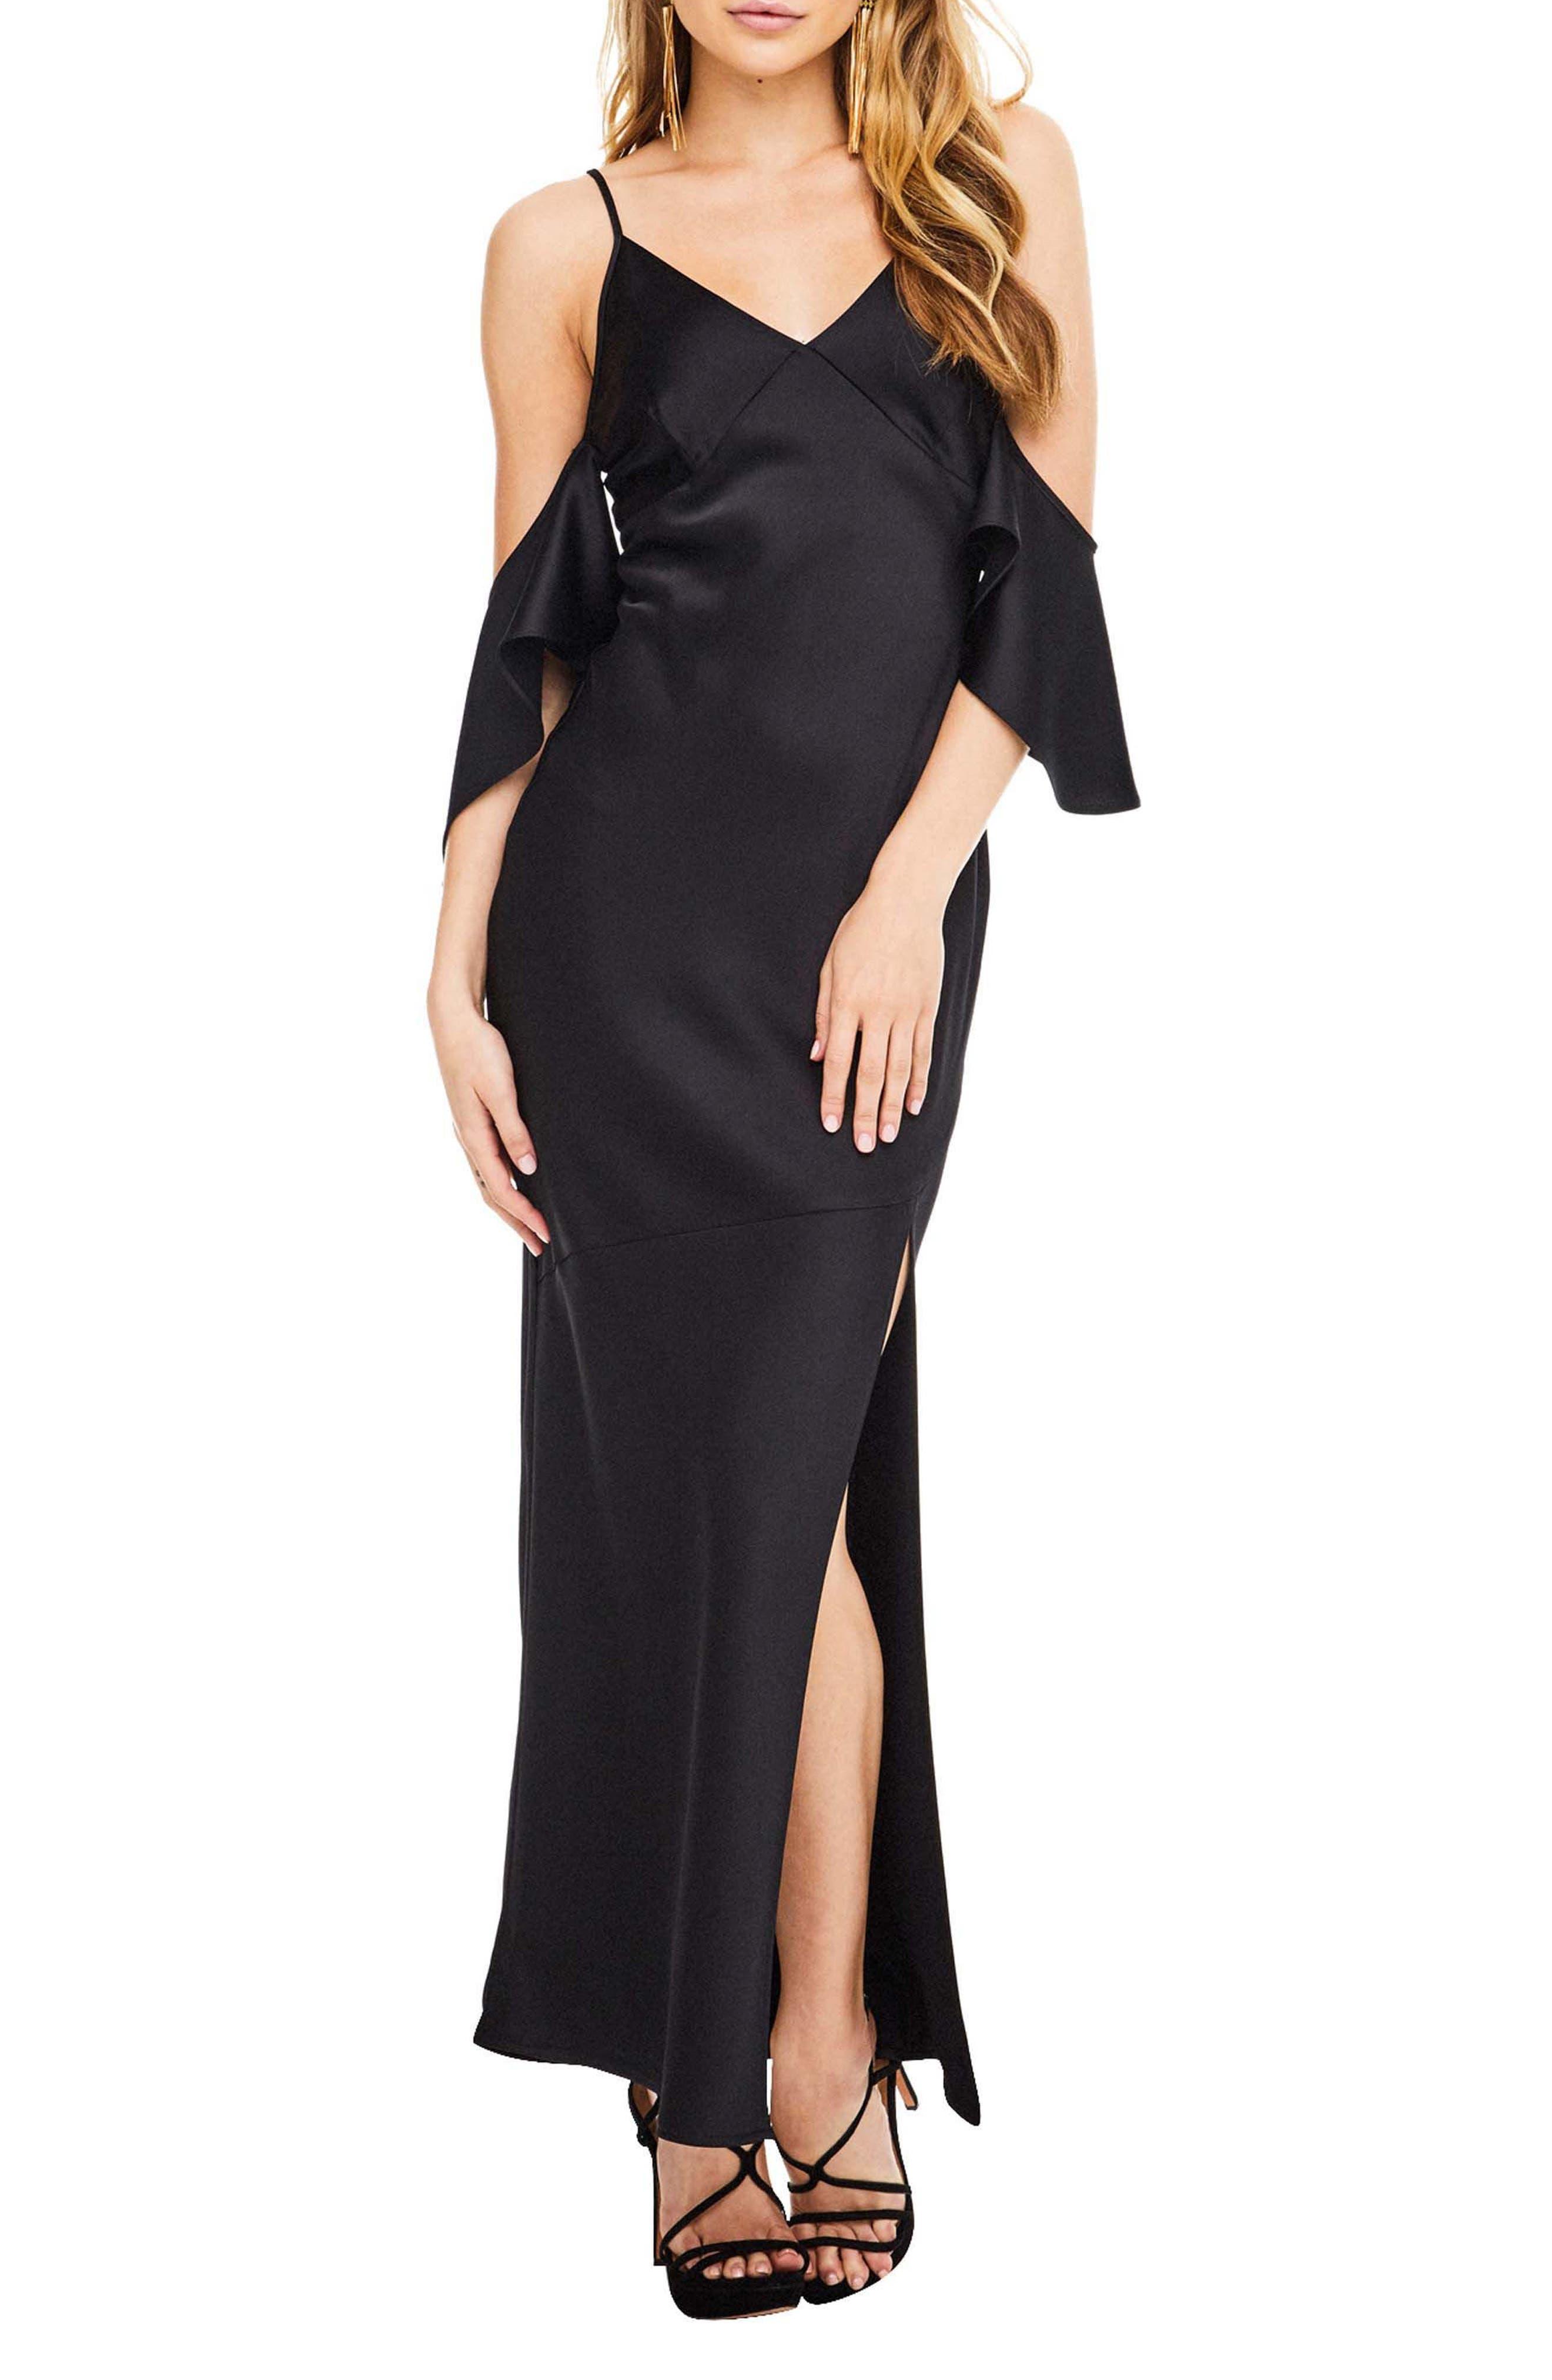 Kendra Maxi Dress,                         Main,                         color, Black